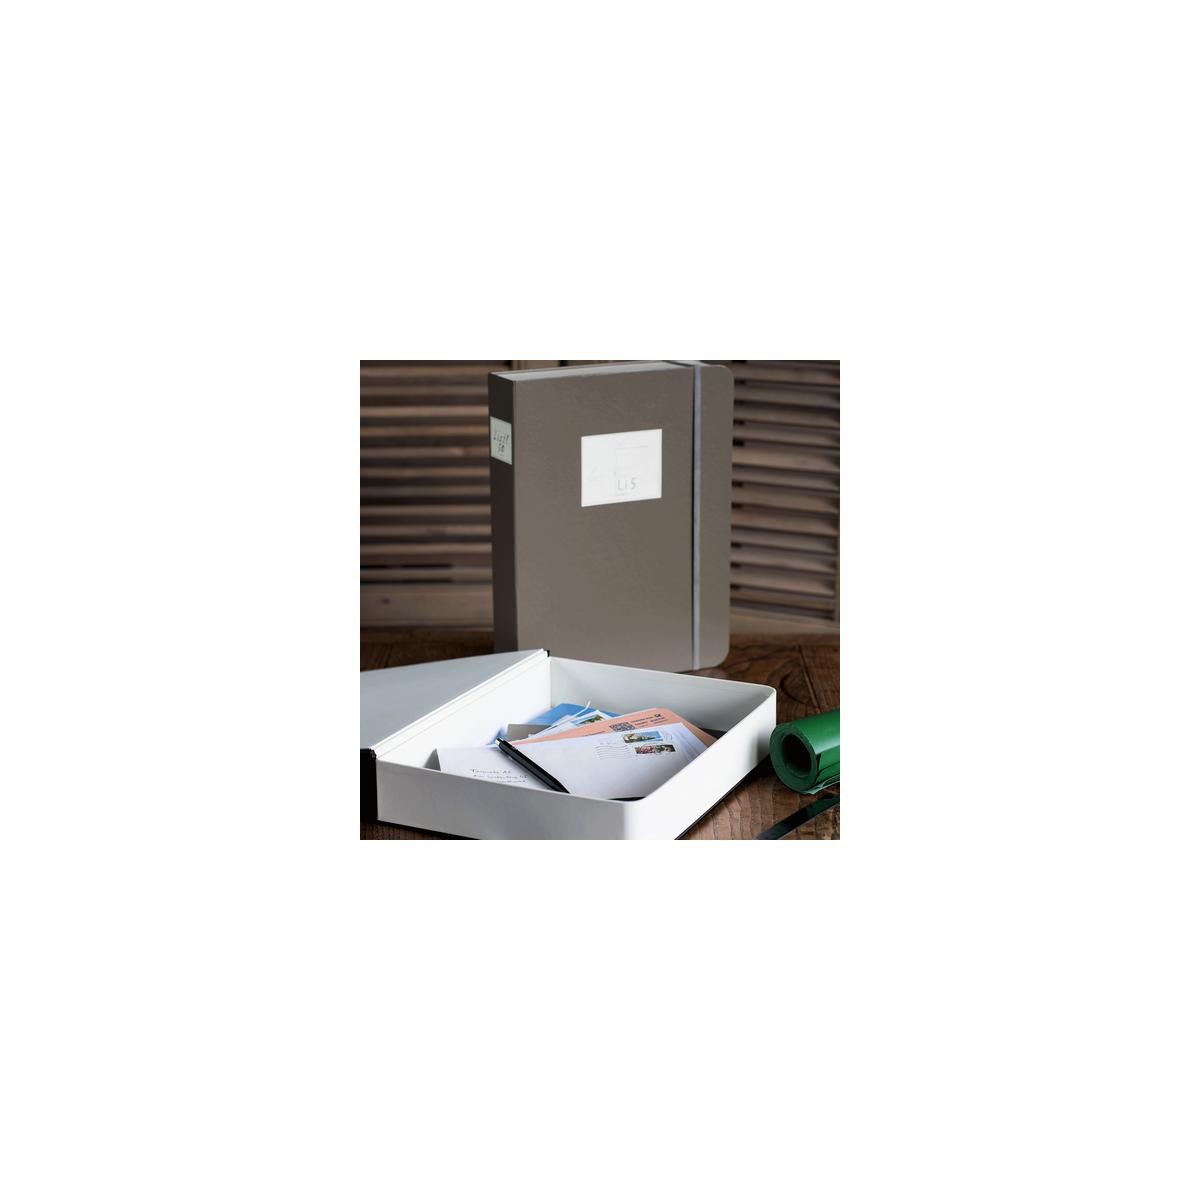 Livre meuble en carton photos de conception de maison for Livre meuble en carton